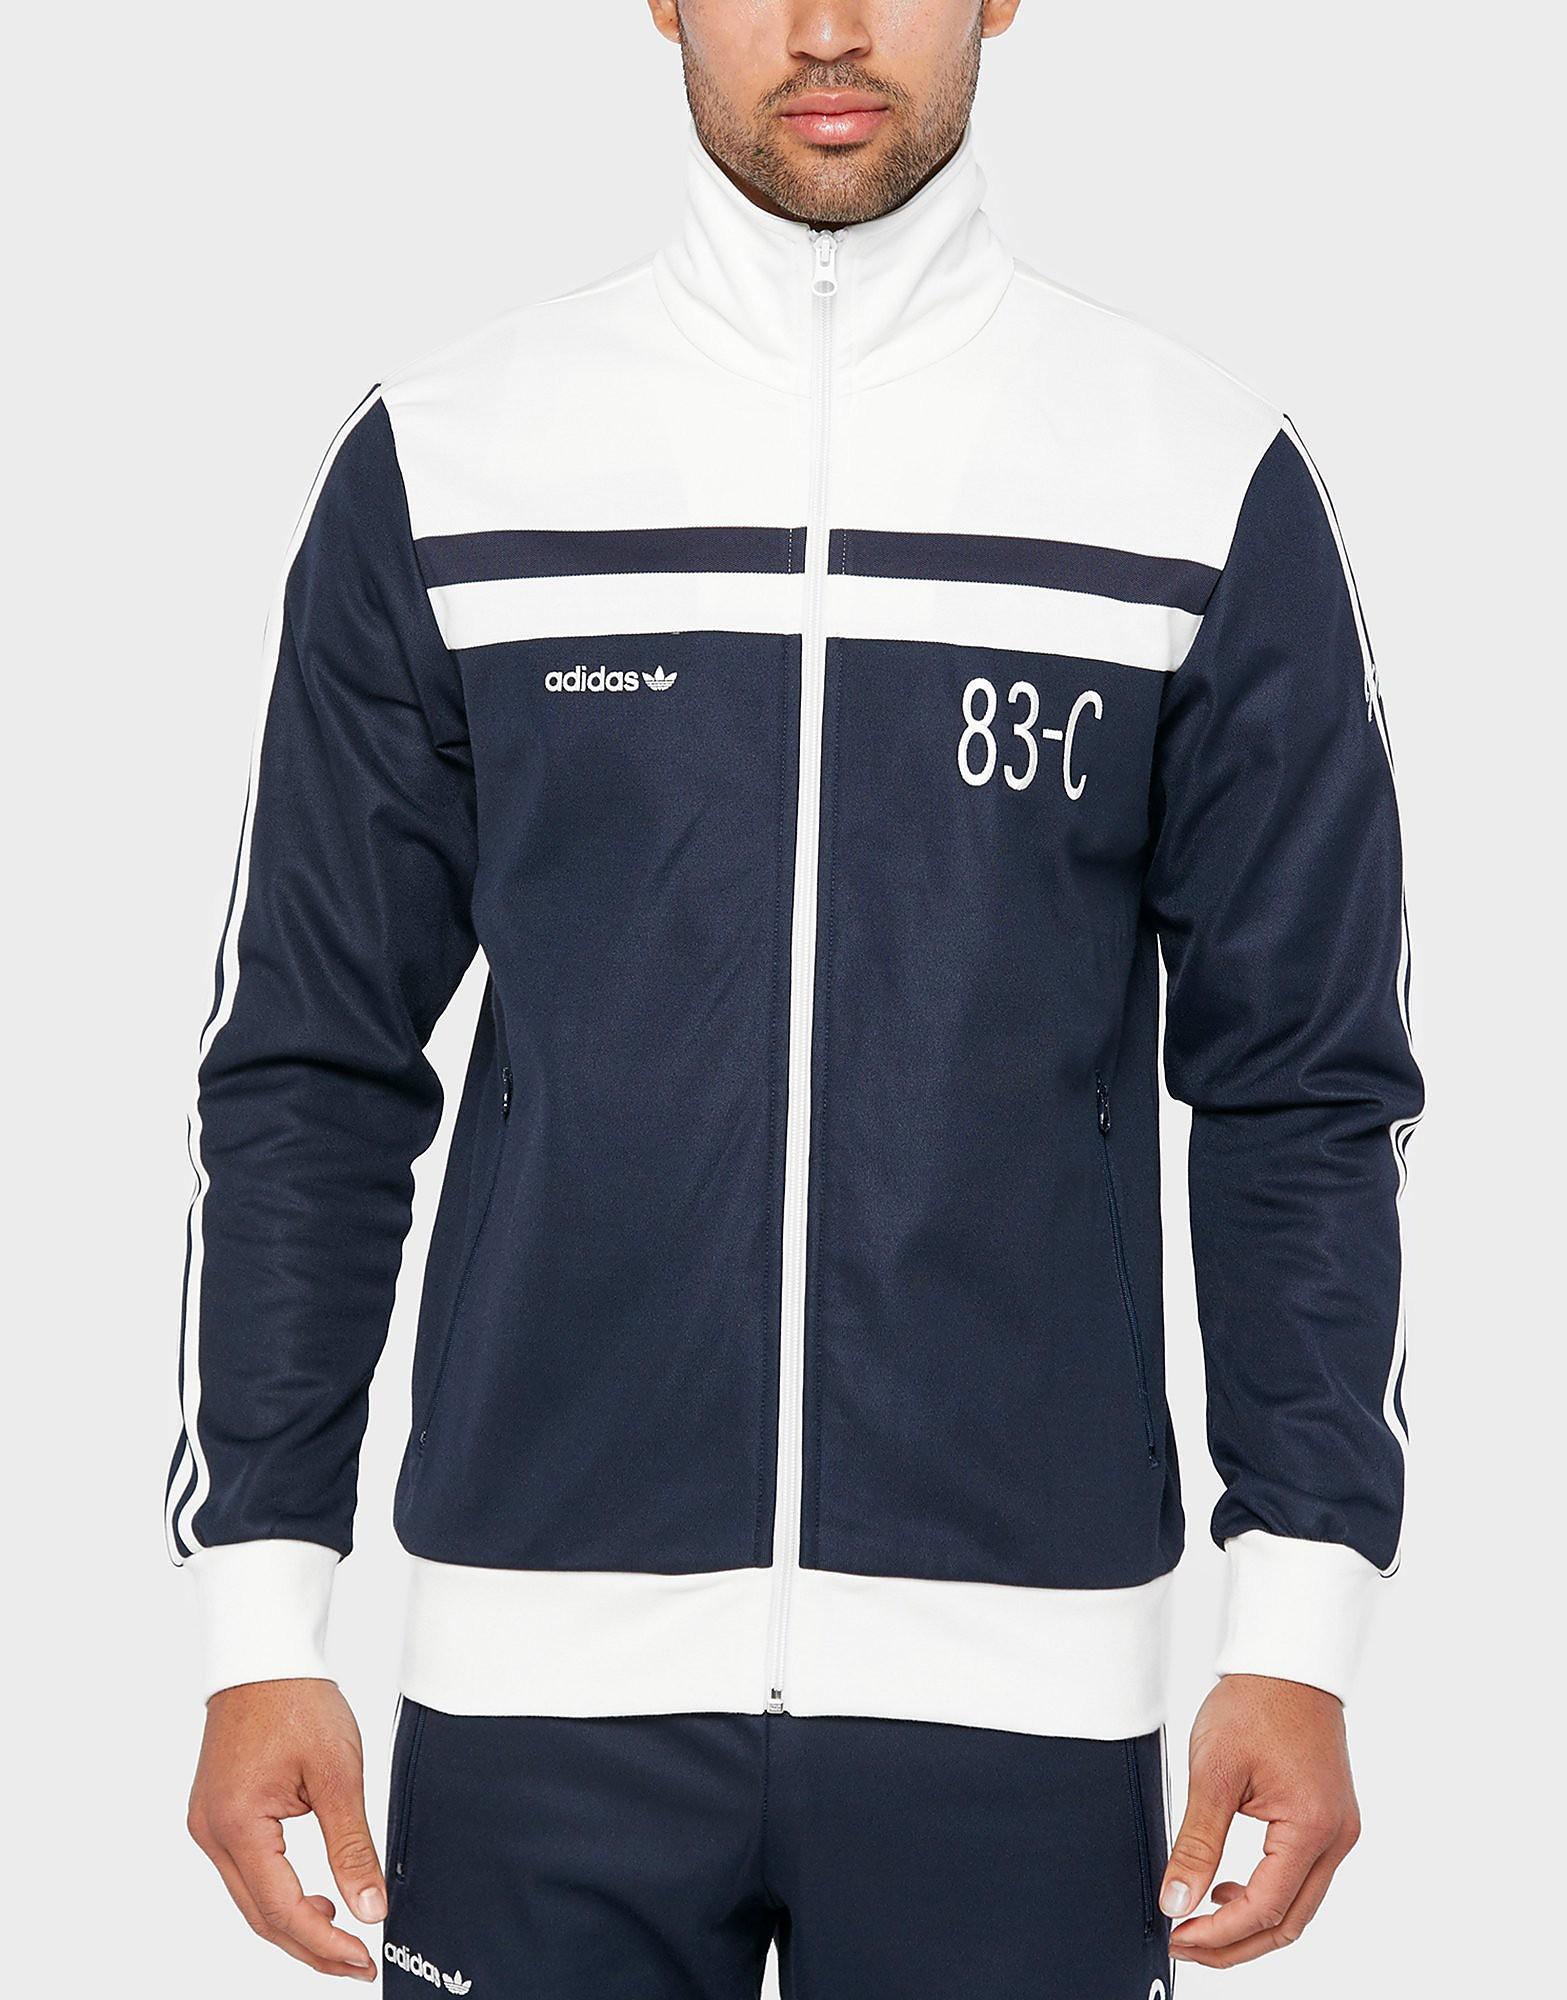 adidas Originals 83-C Track Top